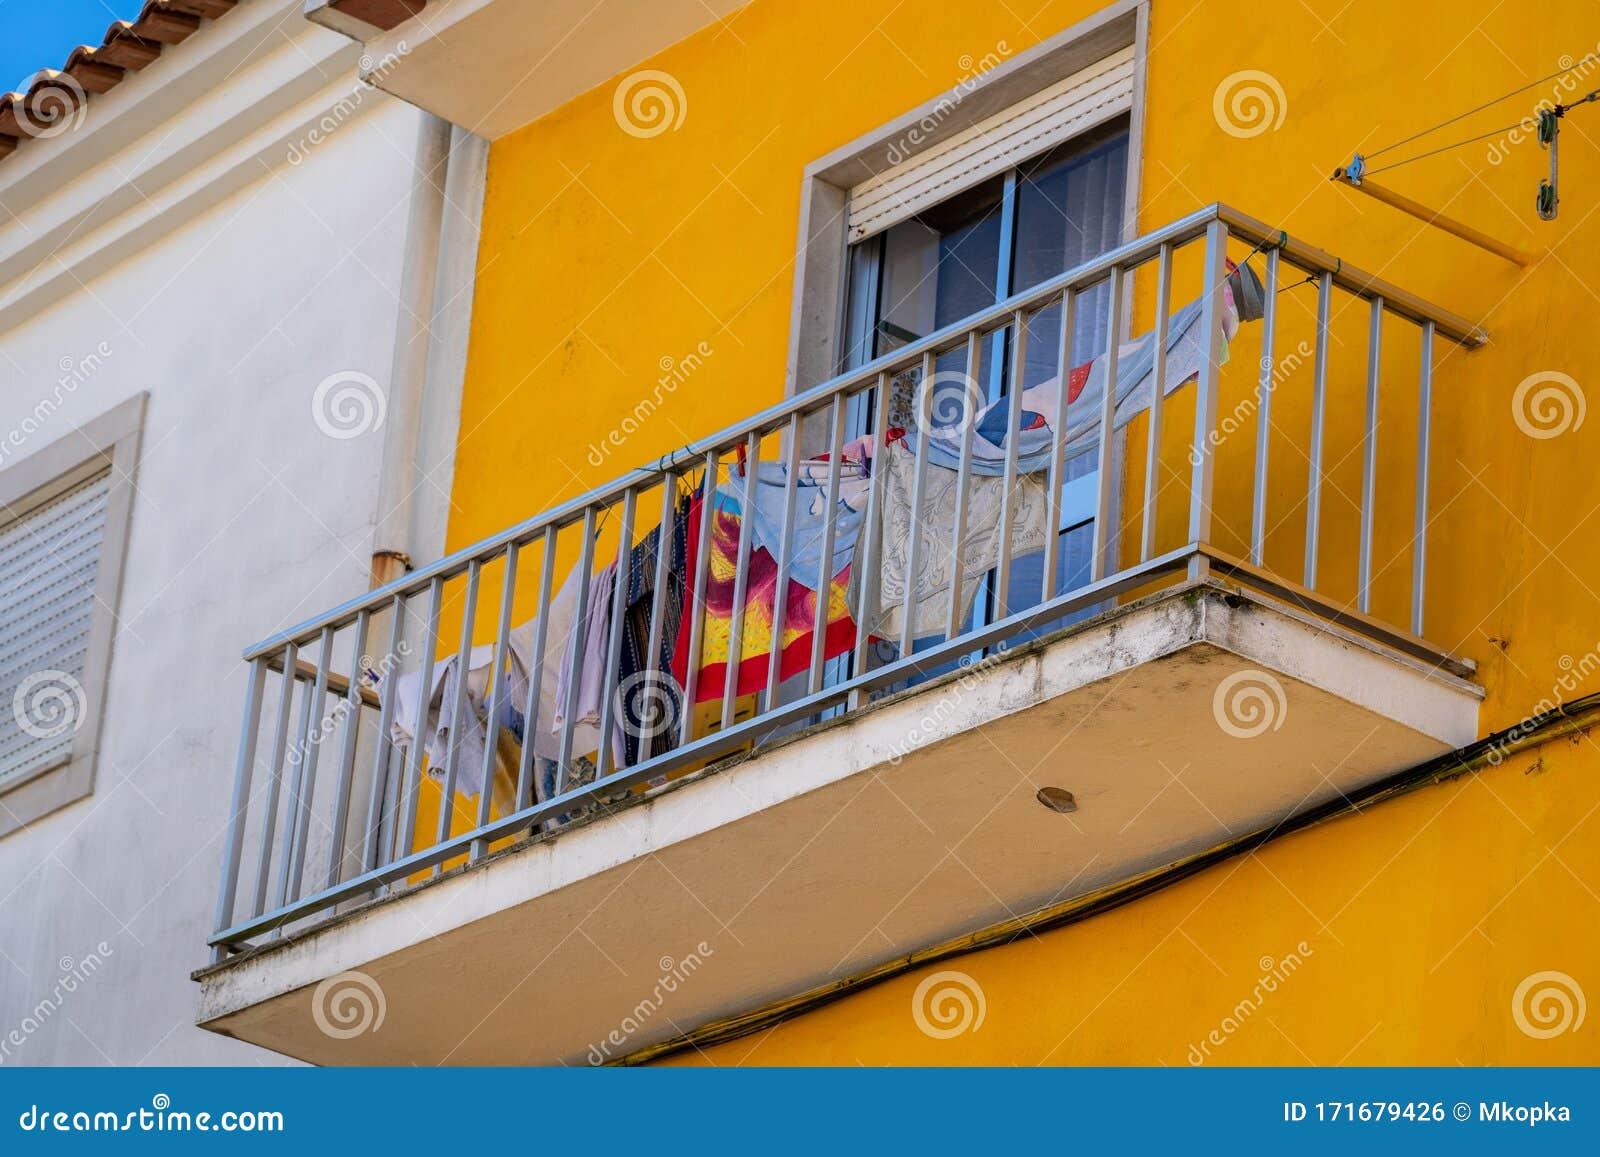 Ropa Y Toallas Colgadas En Un Tendedero Para Secar En Un Balcón De Un Edificio Amarillo Típico De Portugal Foto De Archivo Imagen De Tradicional Exterior 171679426